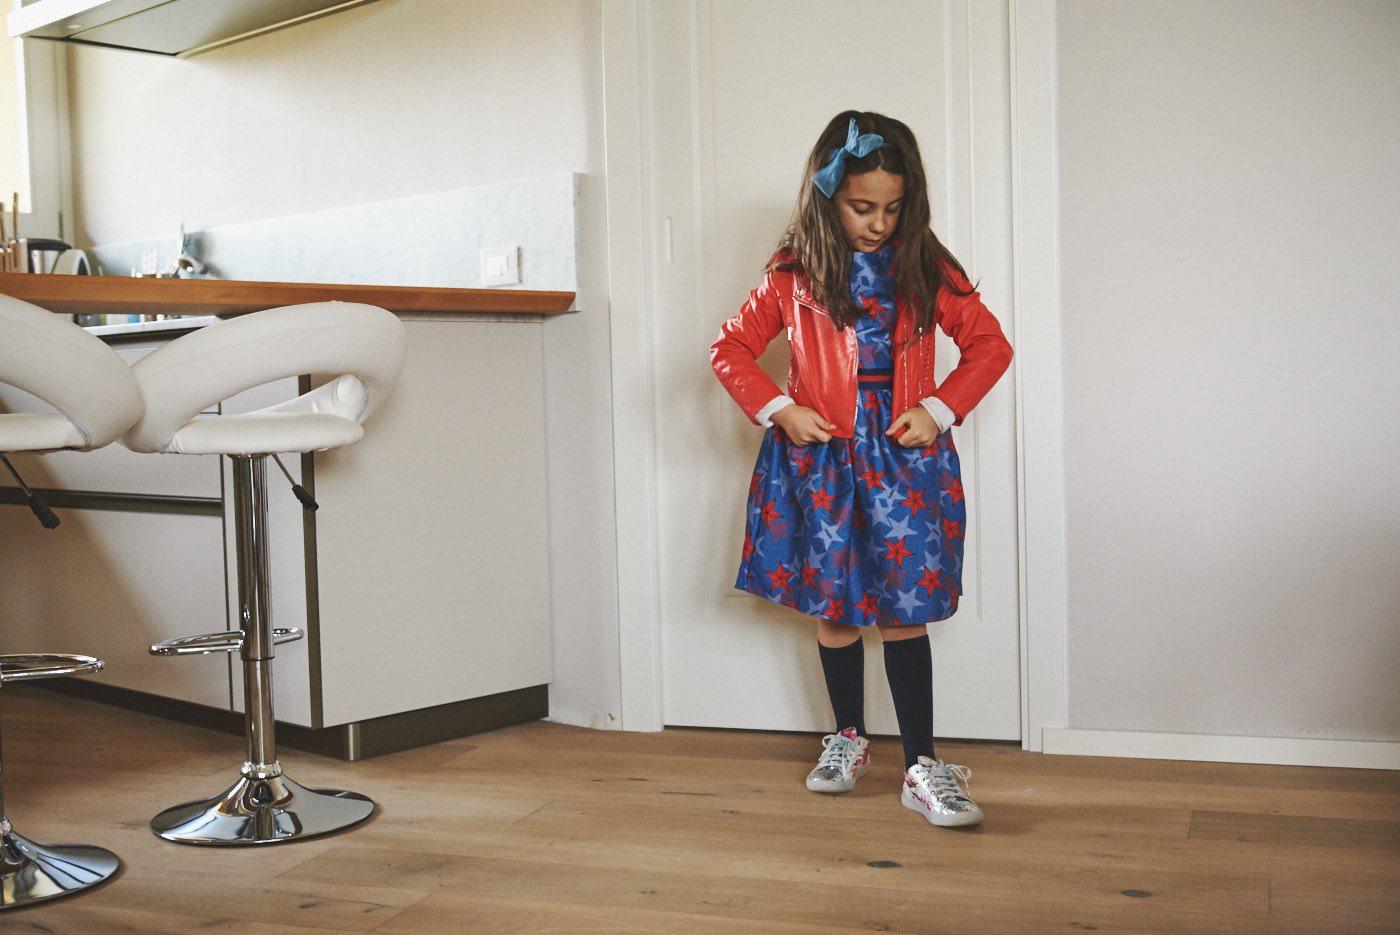 la moda bambina per la primavera e come vestire i bambini chiodo rosso